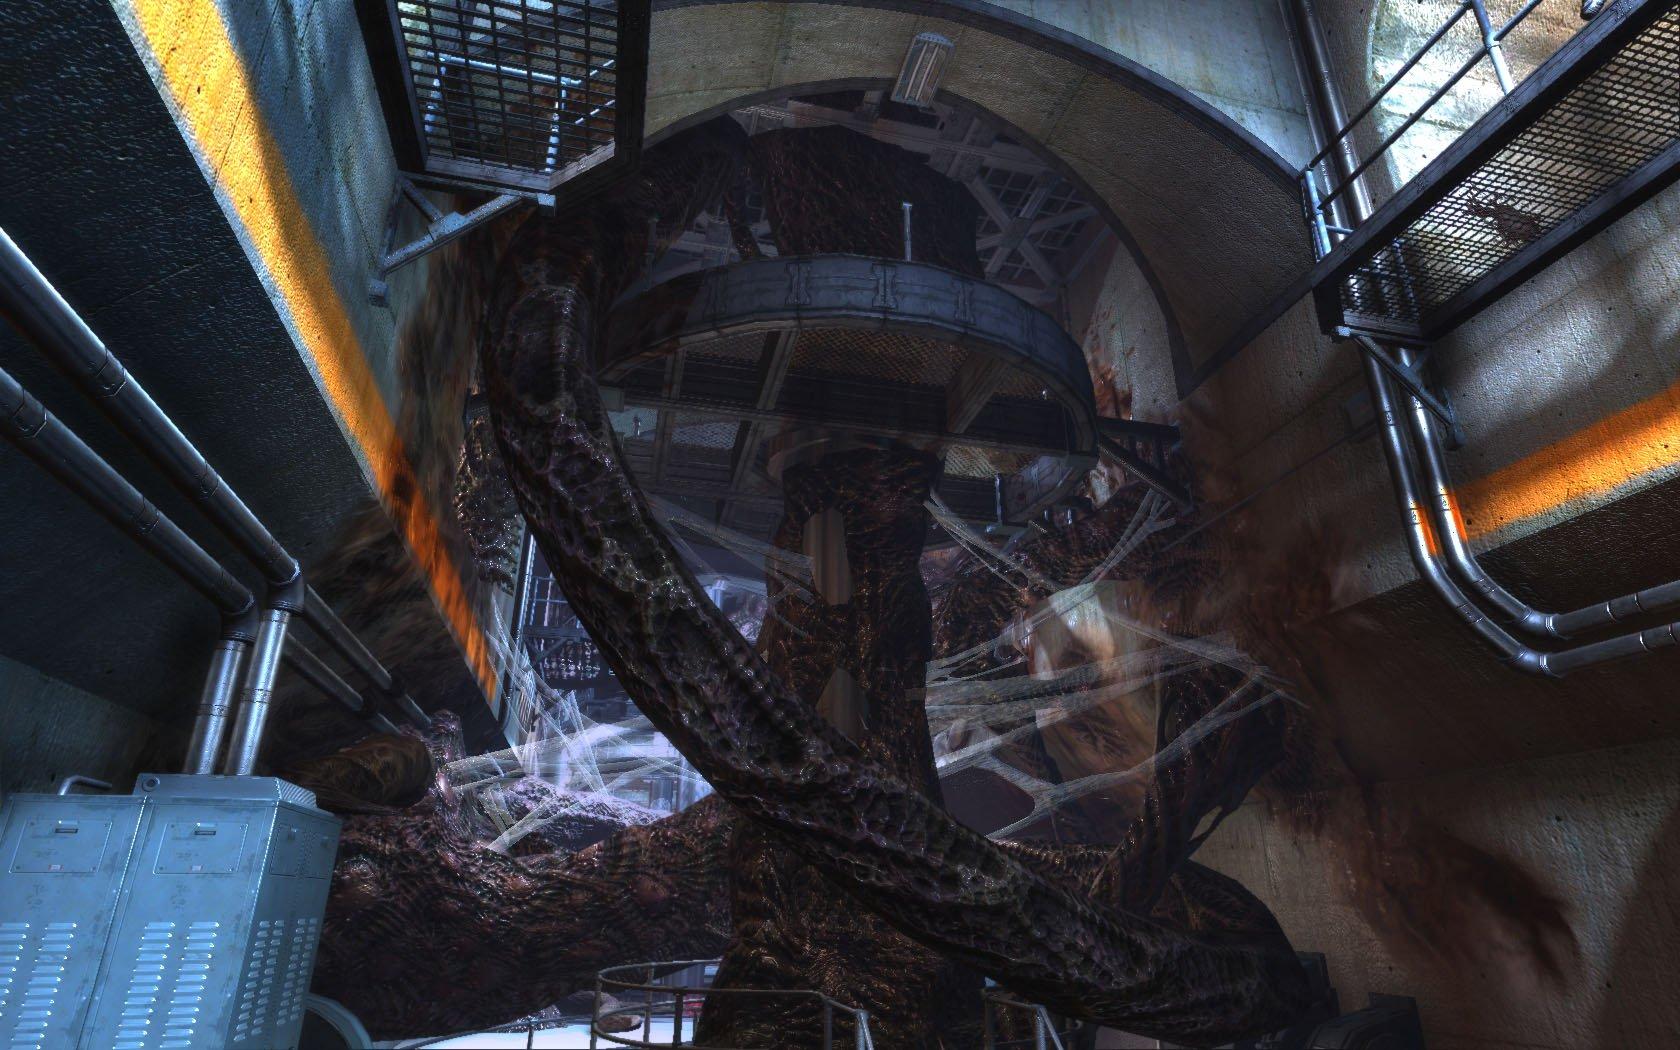 Duke Nukem Forever Screenshots, Concept Art Released #7351